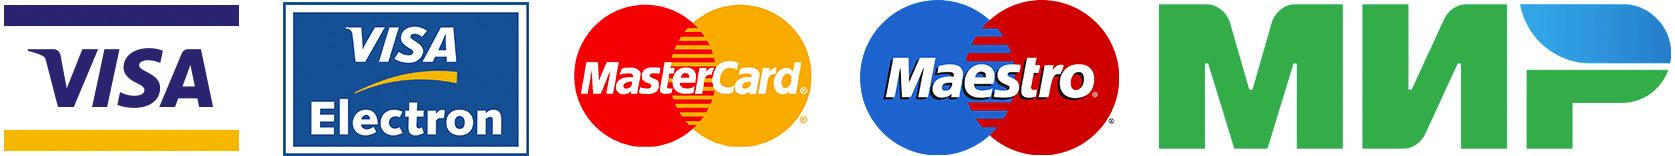 Visa, Visa Electron, MasterCard, Maestro, МИР